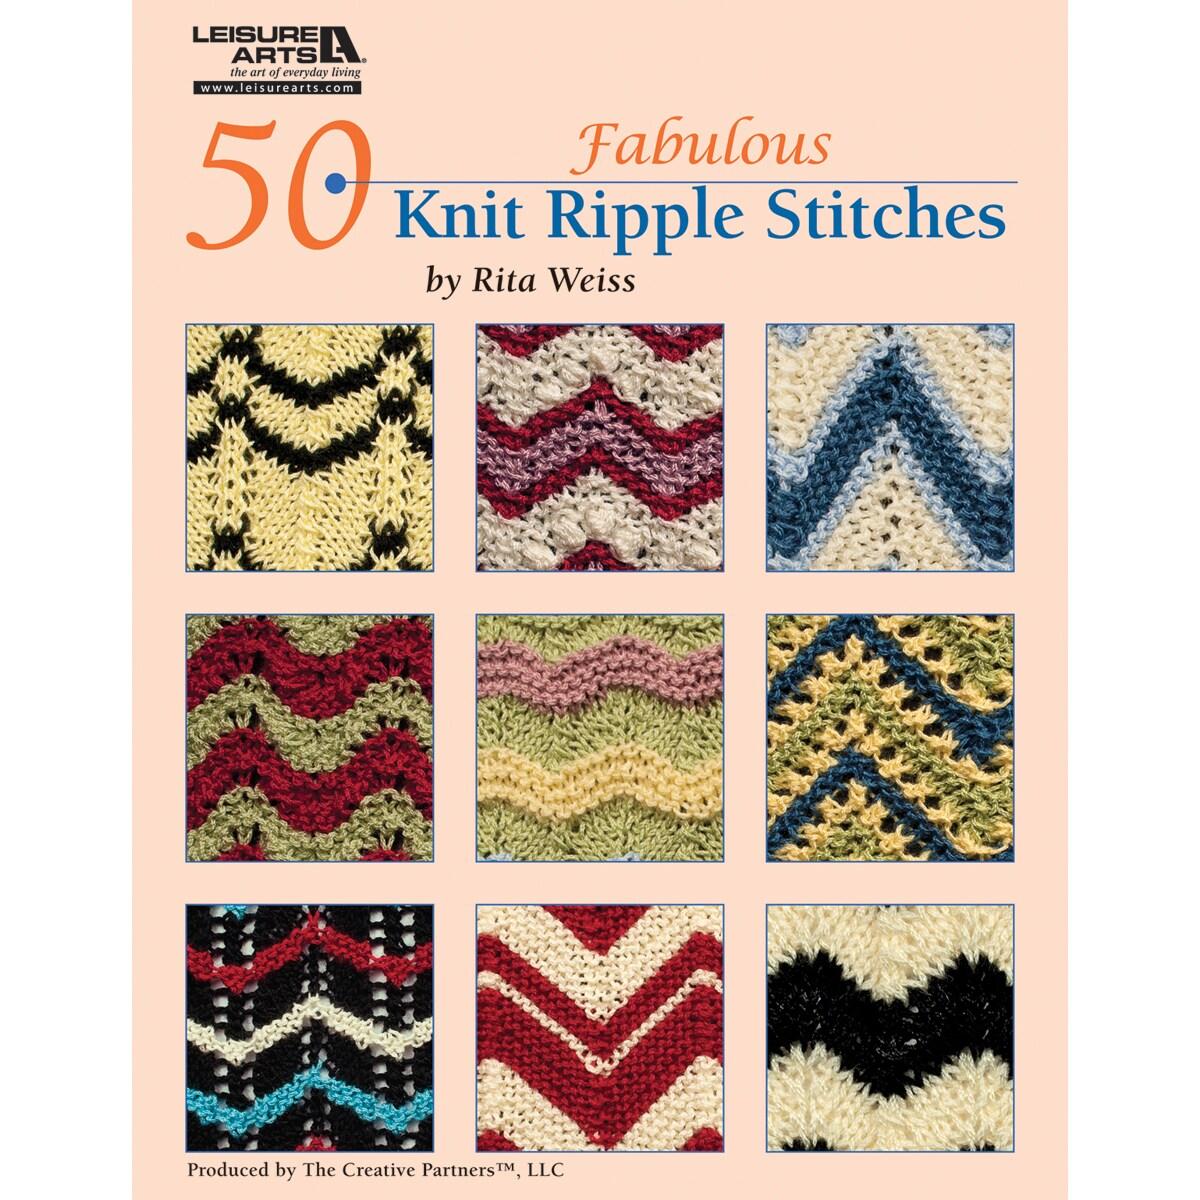 Leisure Arts 50 Fabulous Knit Ripple Stitches by Rita Weiss